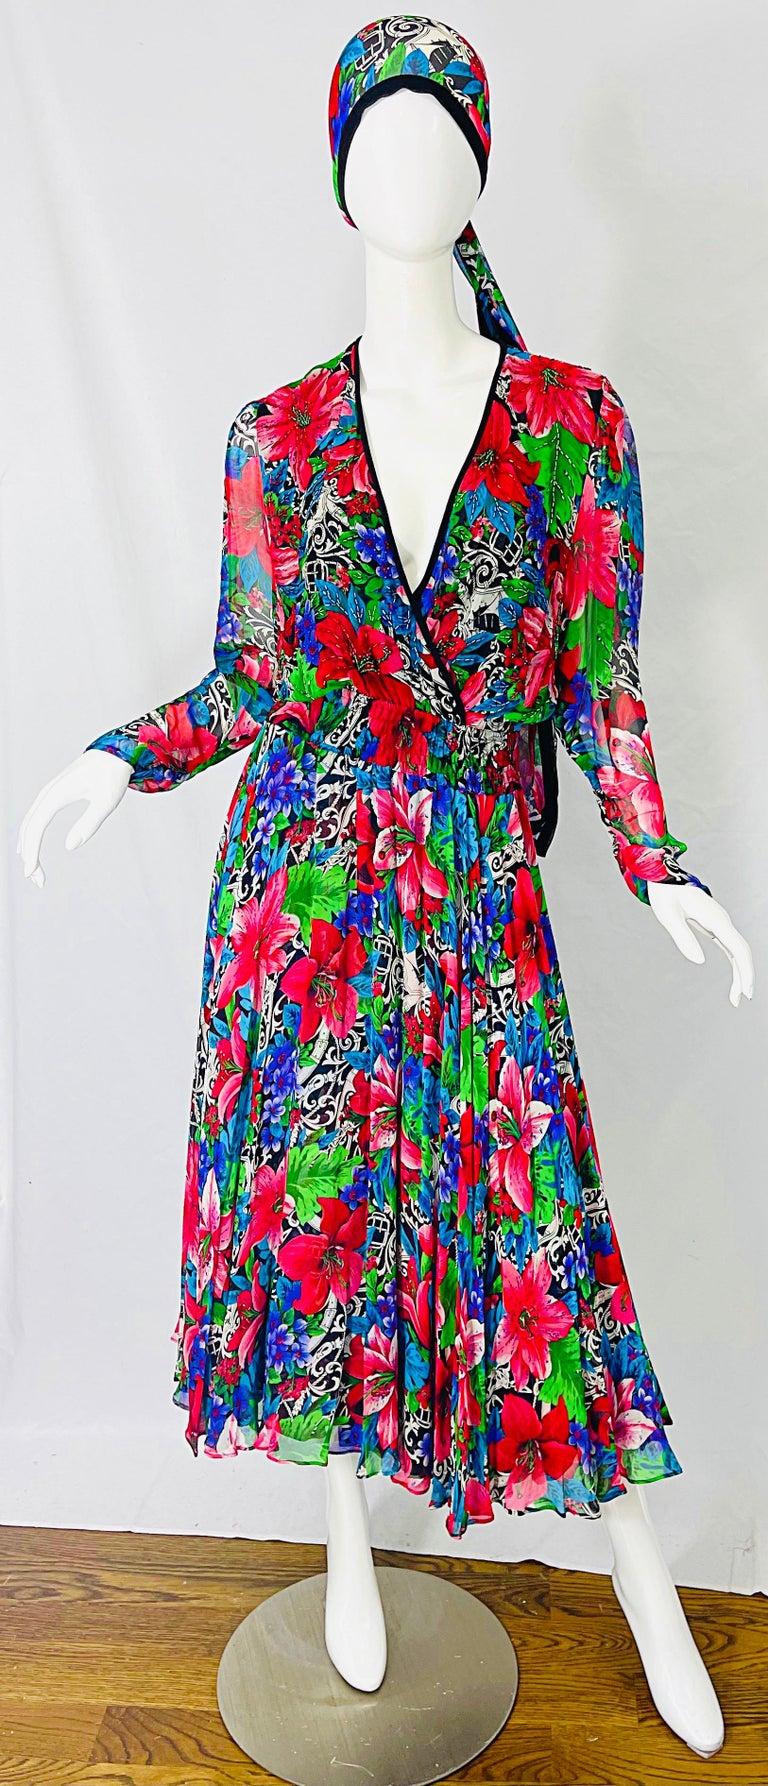 Vintage Diane Freis Silk Chiffon Beaded Tropical Print Midi Dress + Sash For Sale 12